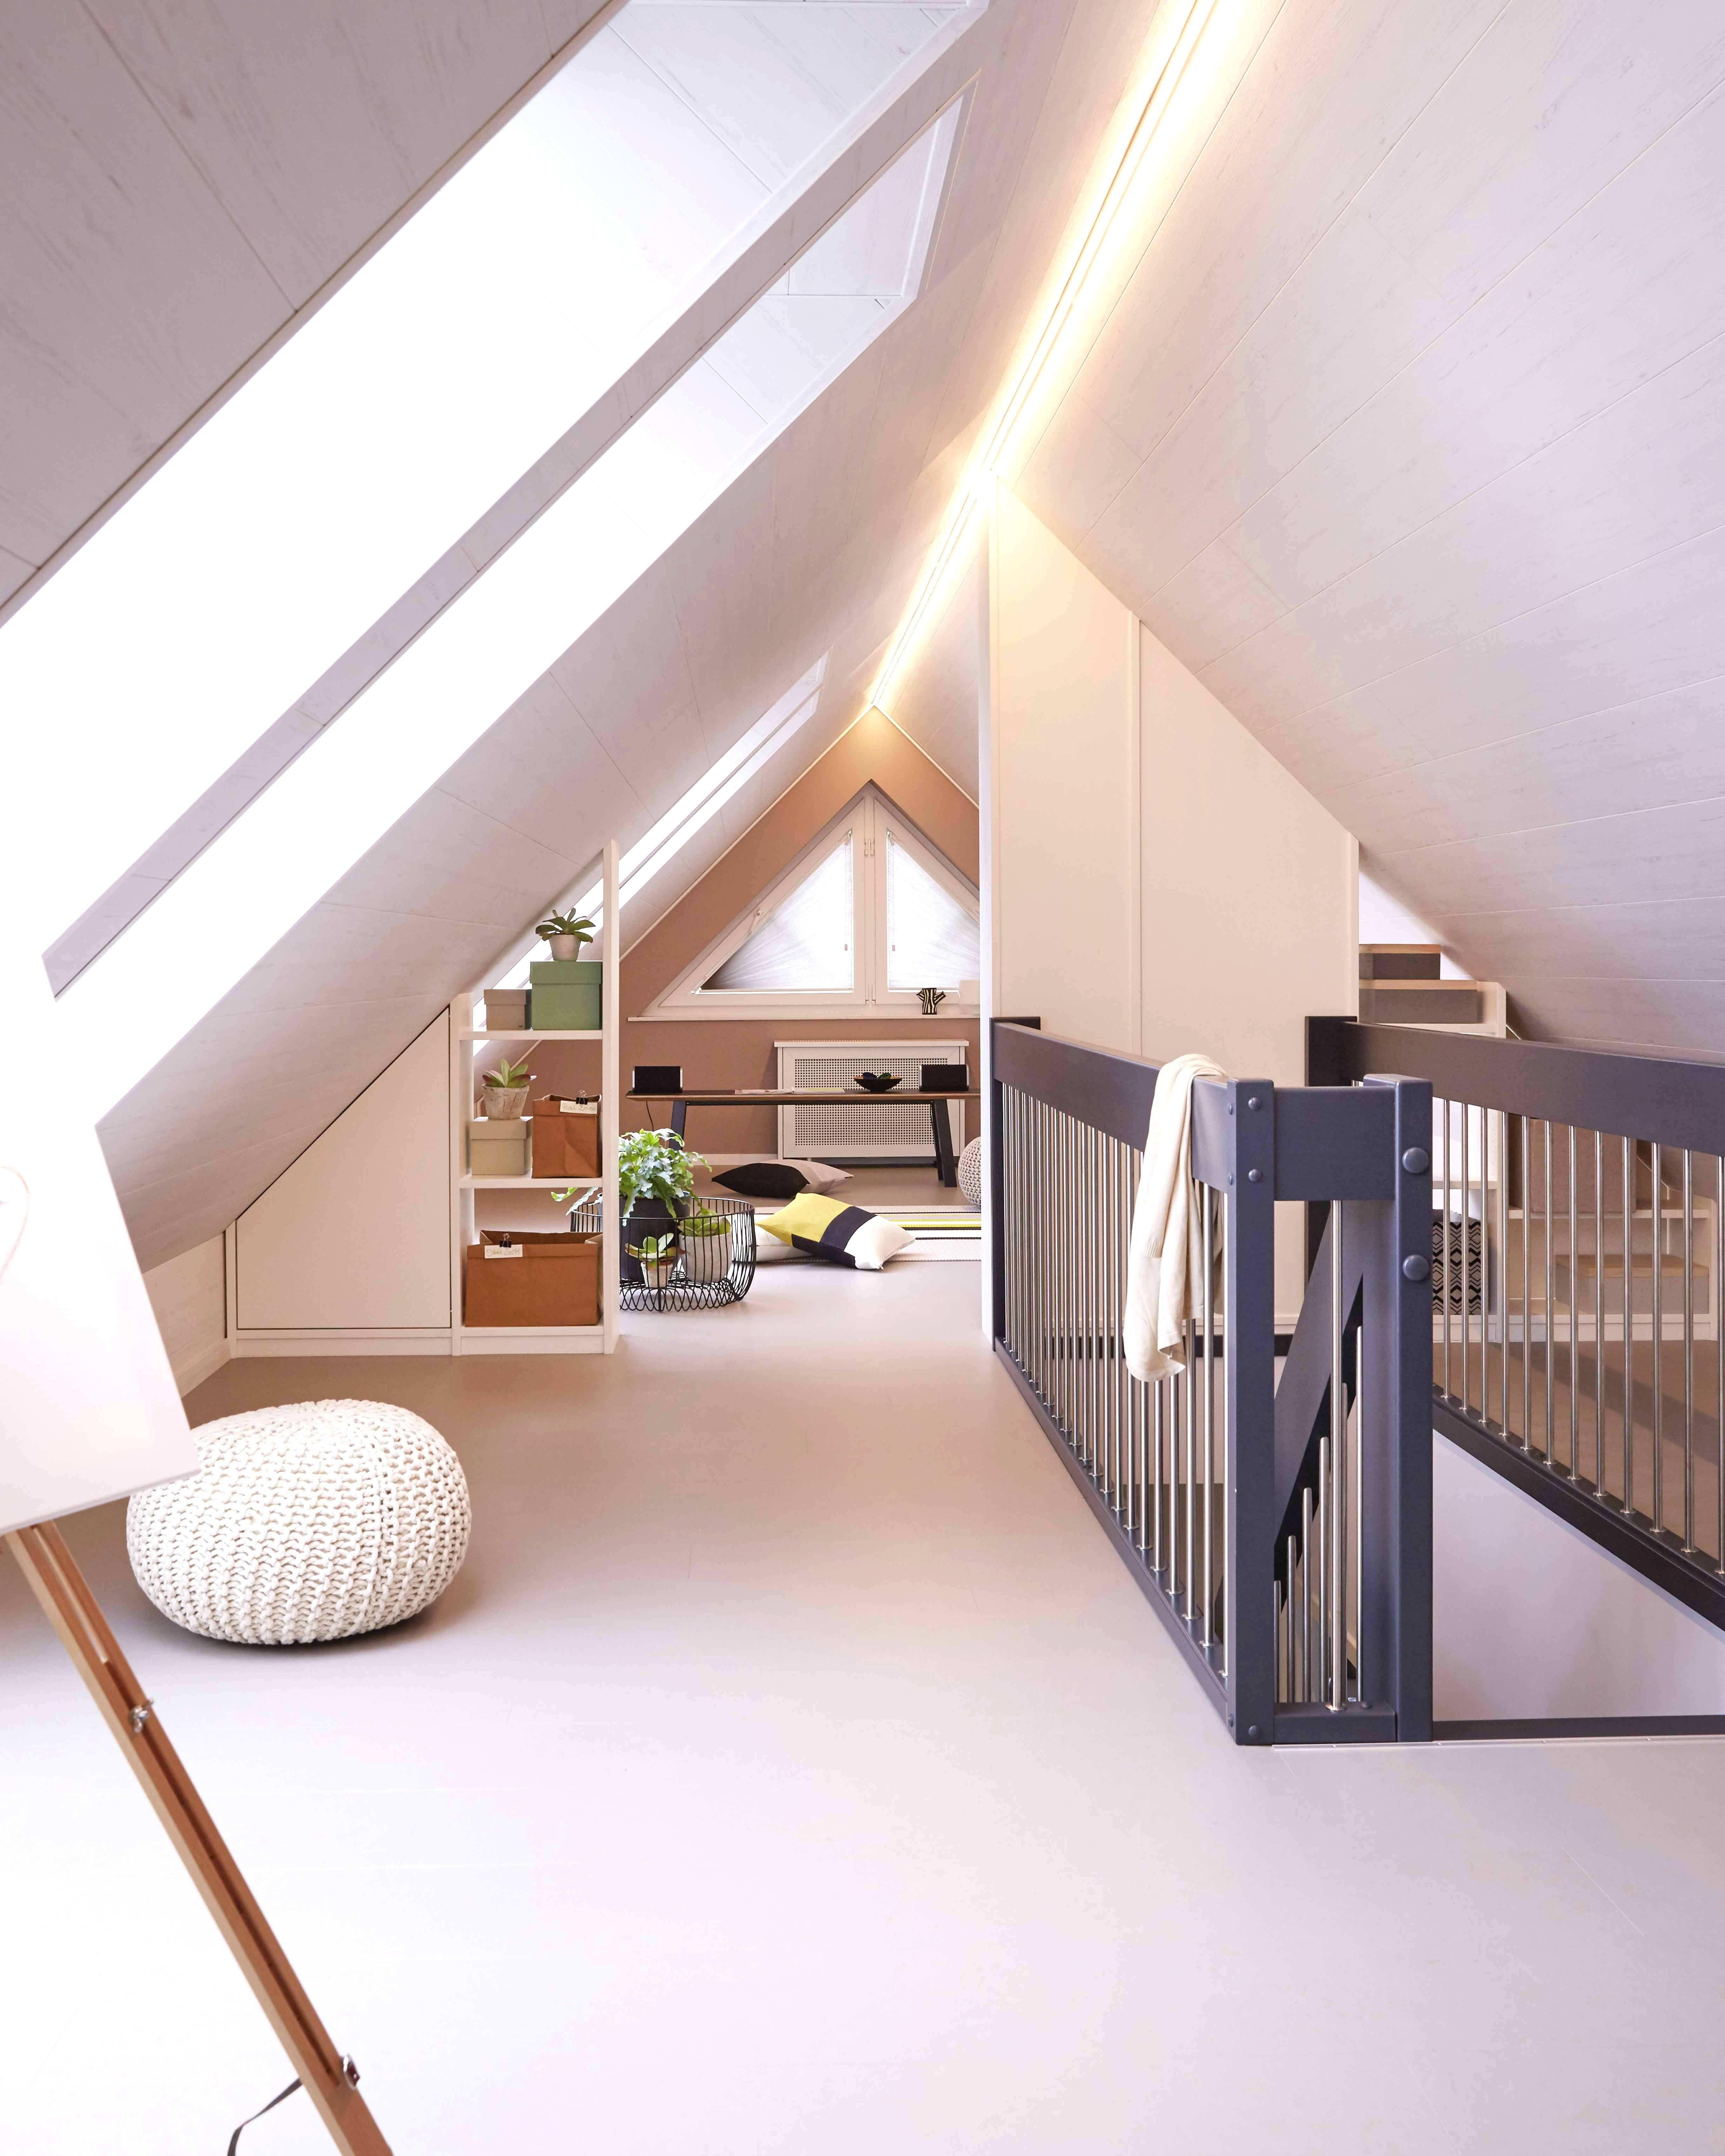 Spitzboden Ausbauen Ideen Modell Oliverbuckram Com New Dachwohnung ...